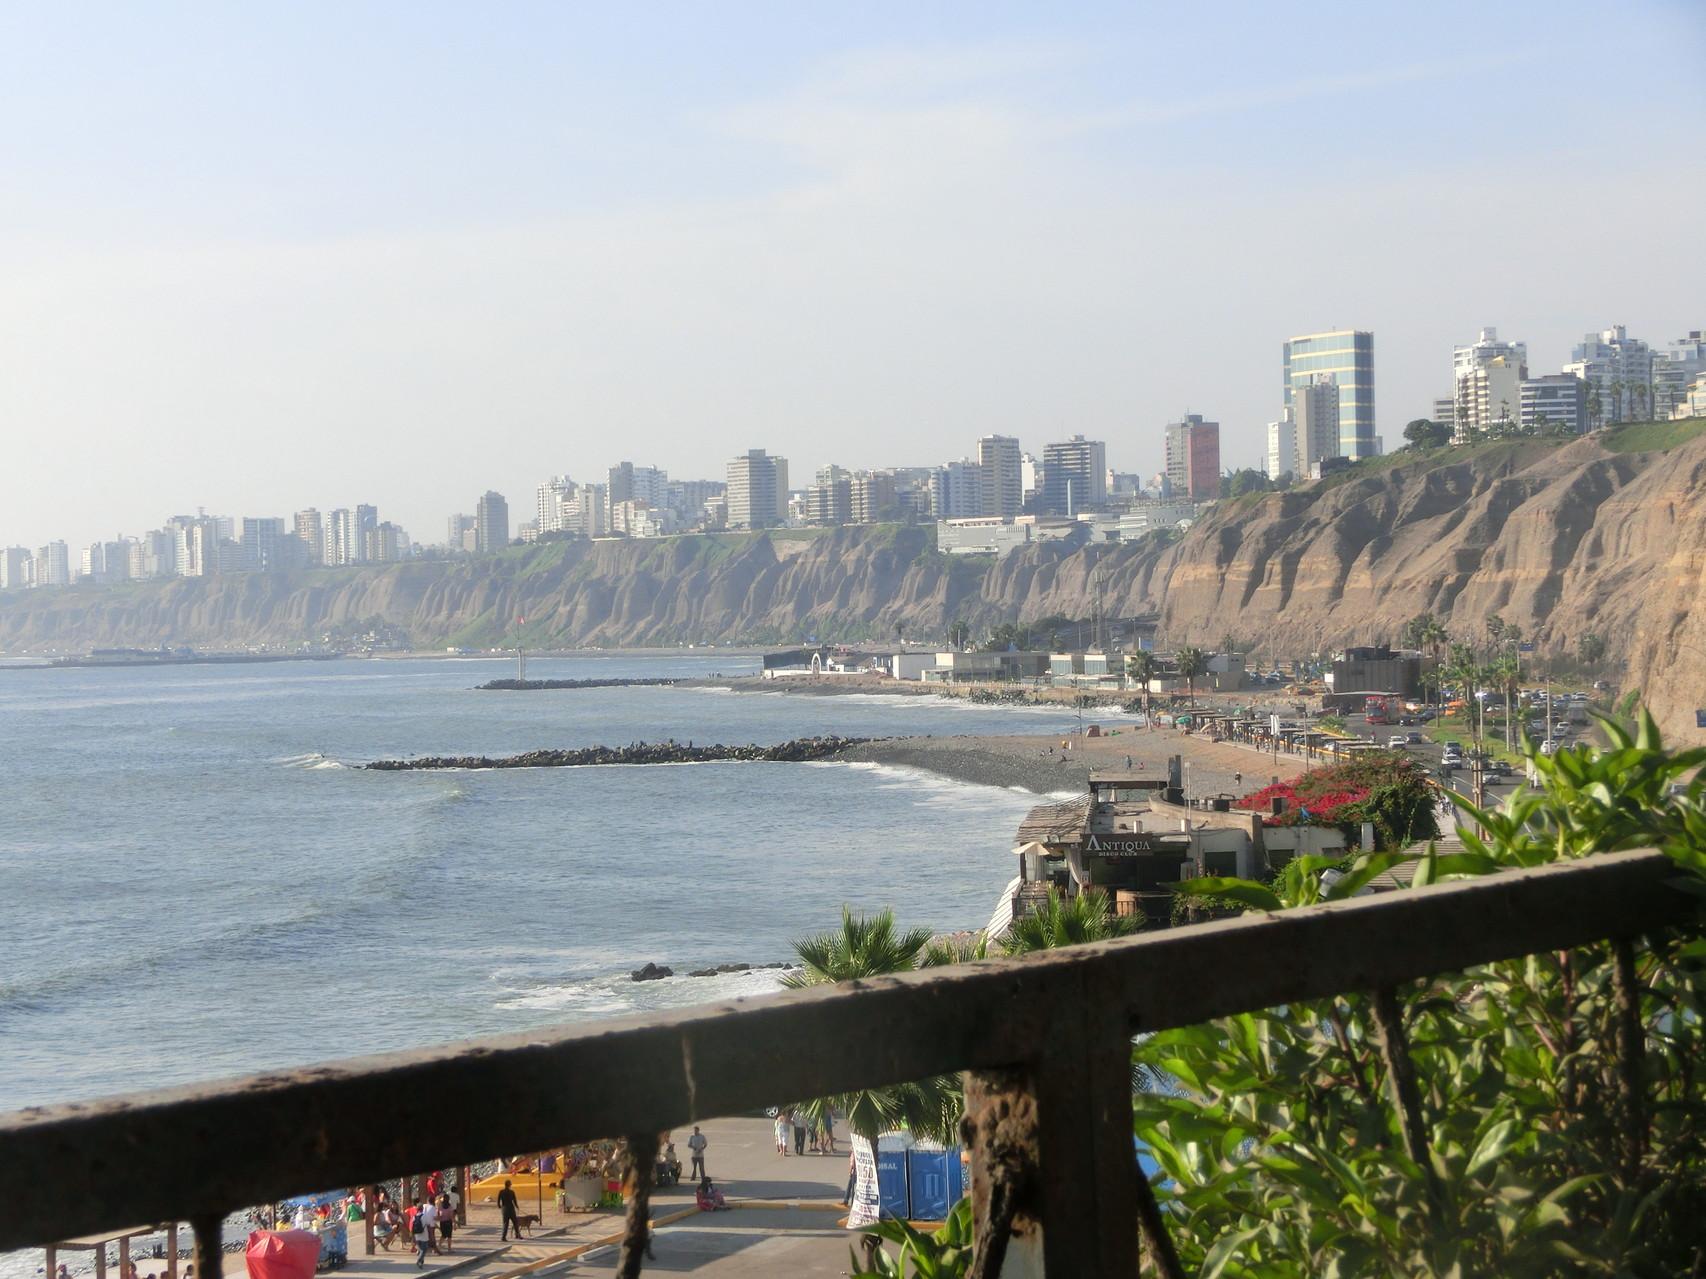 Limas Stadtteile Barranco und Miraflores liegen an der Steilküste